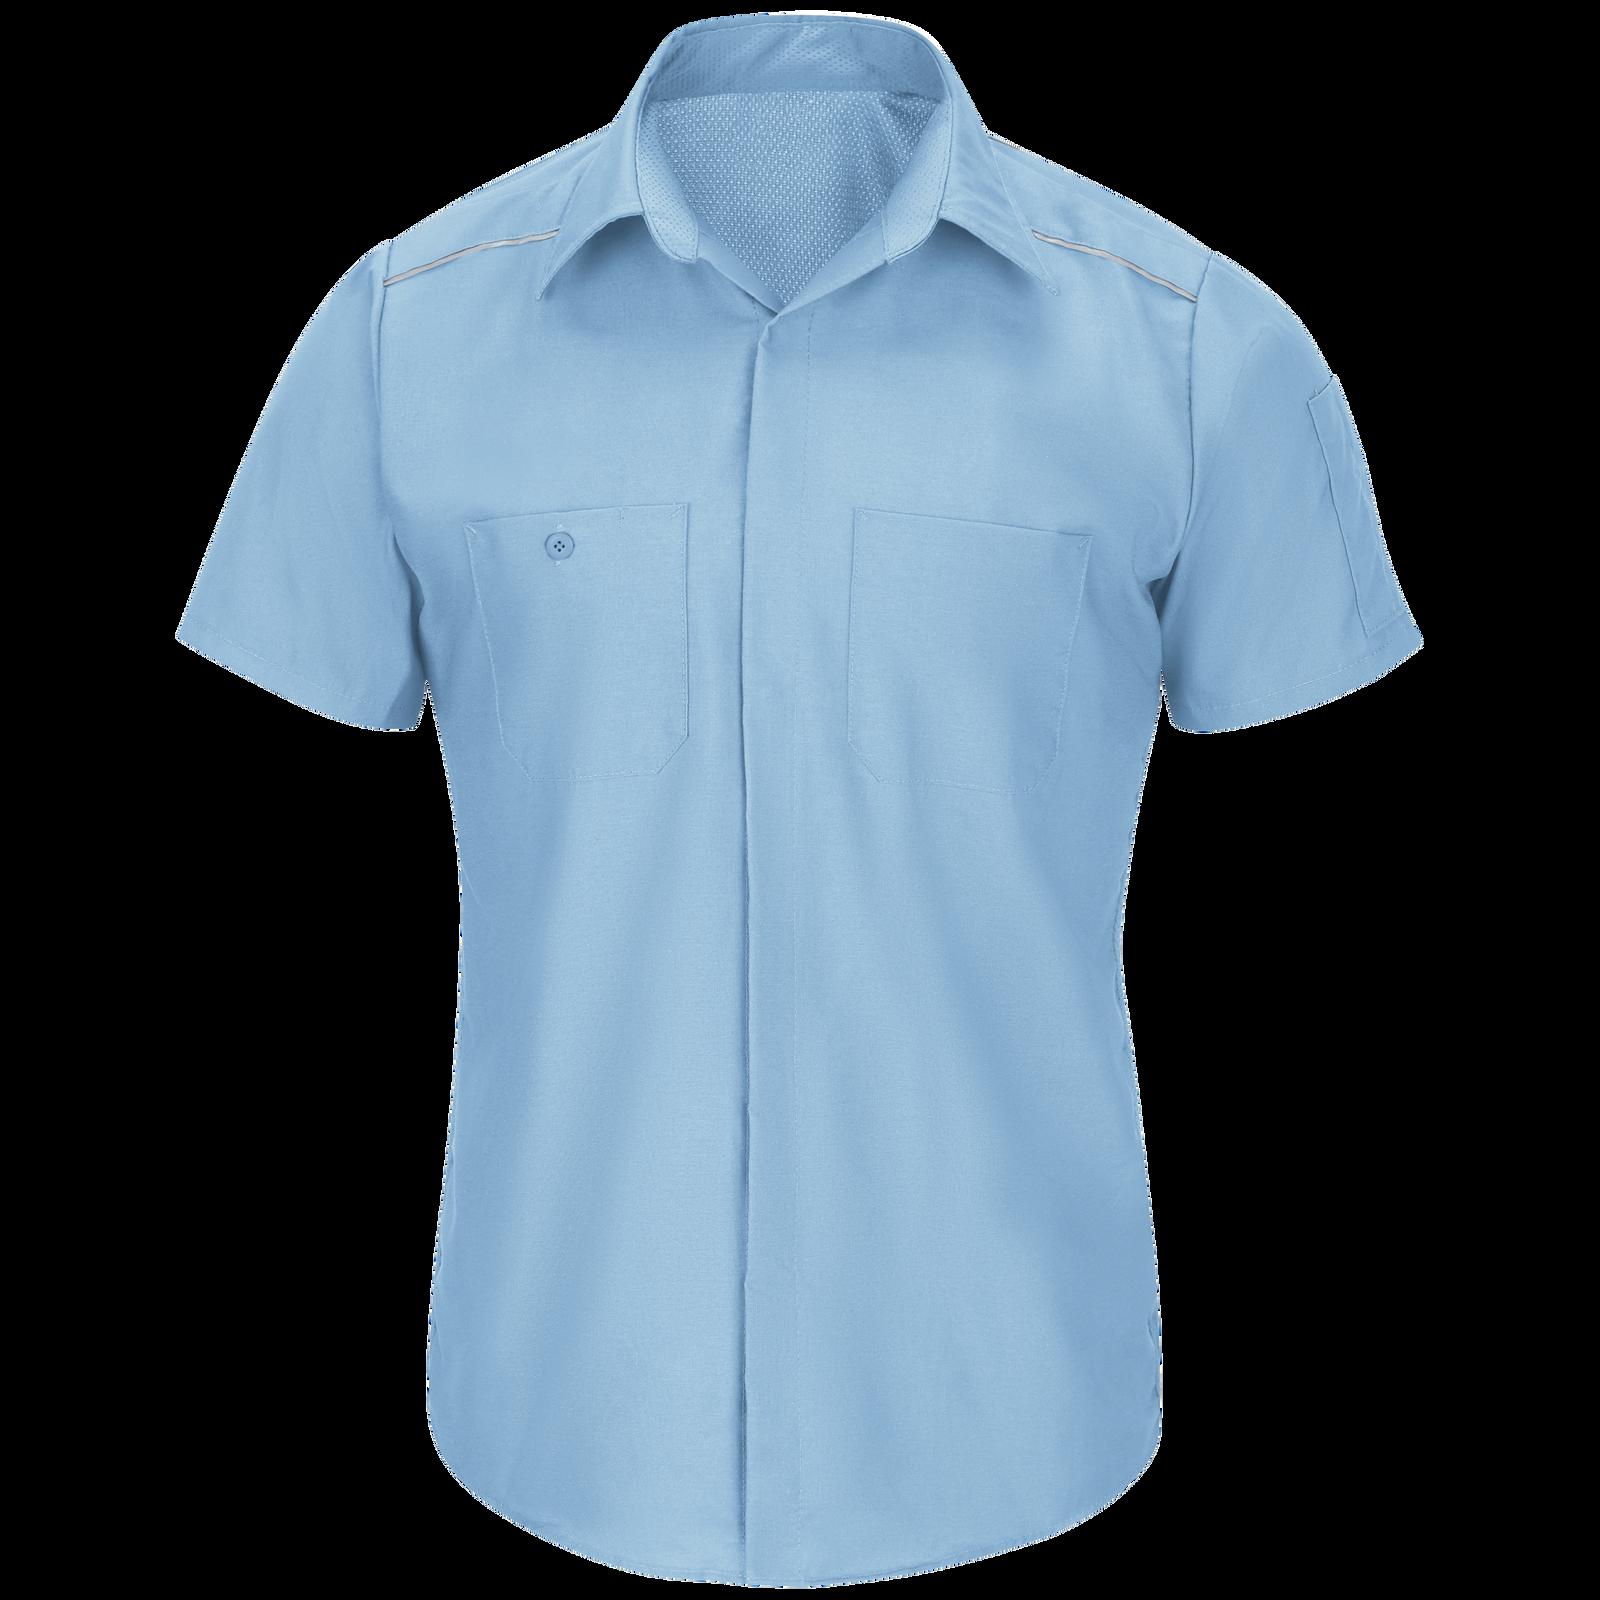 FREE KNEE PAD Apache Black Dry Max Performa Wicking Polo Shirt Work T-Shirt